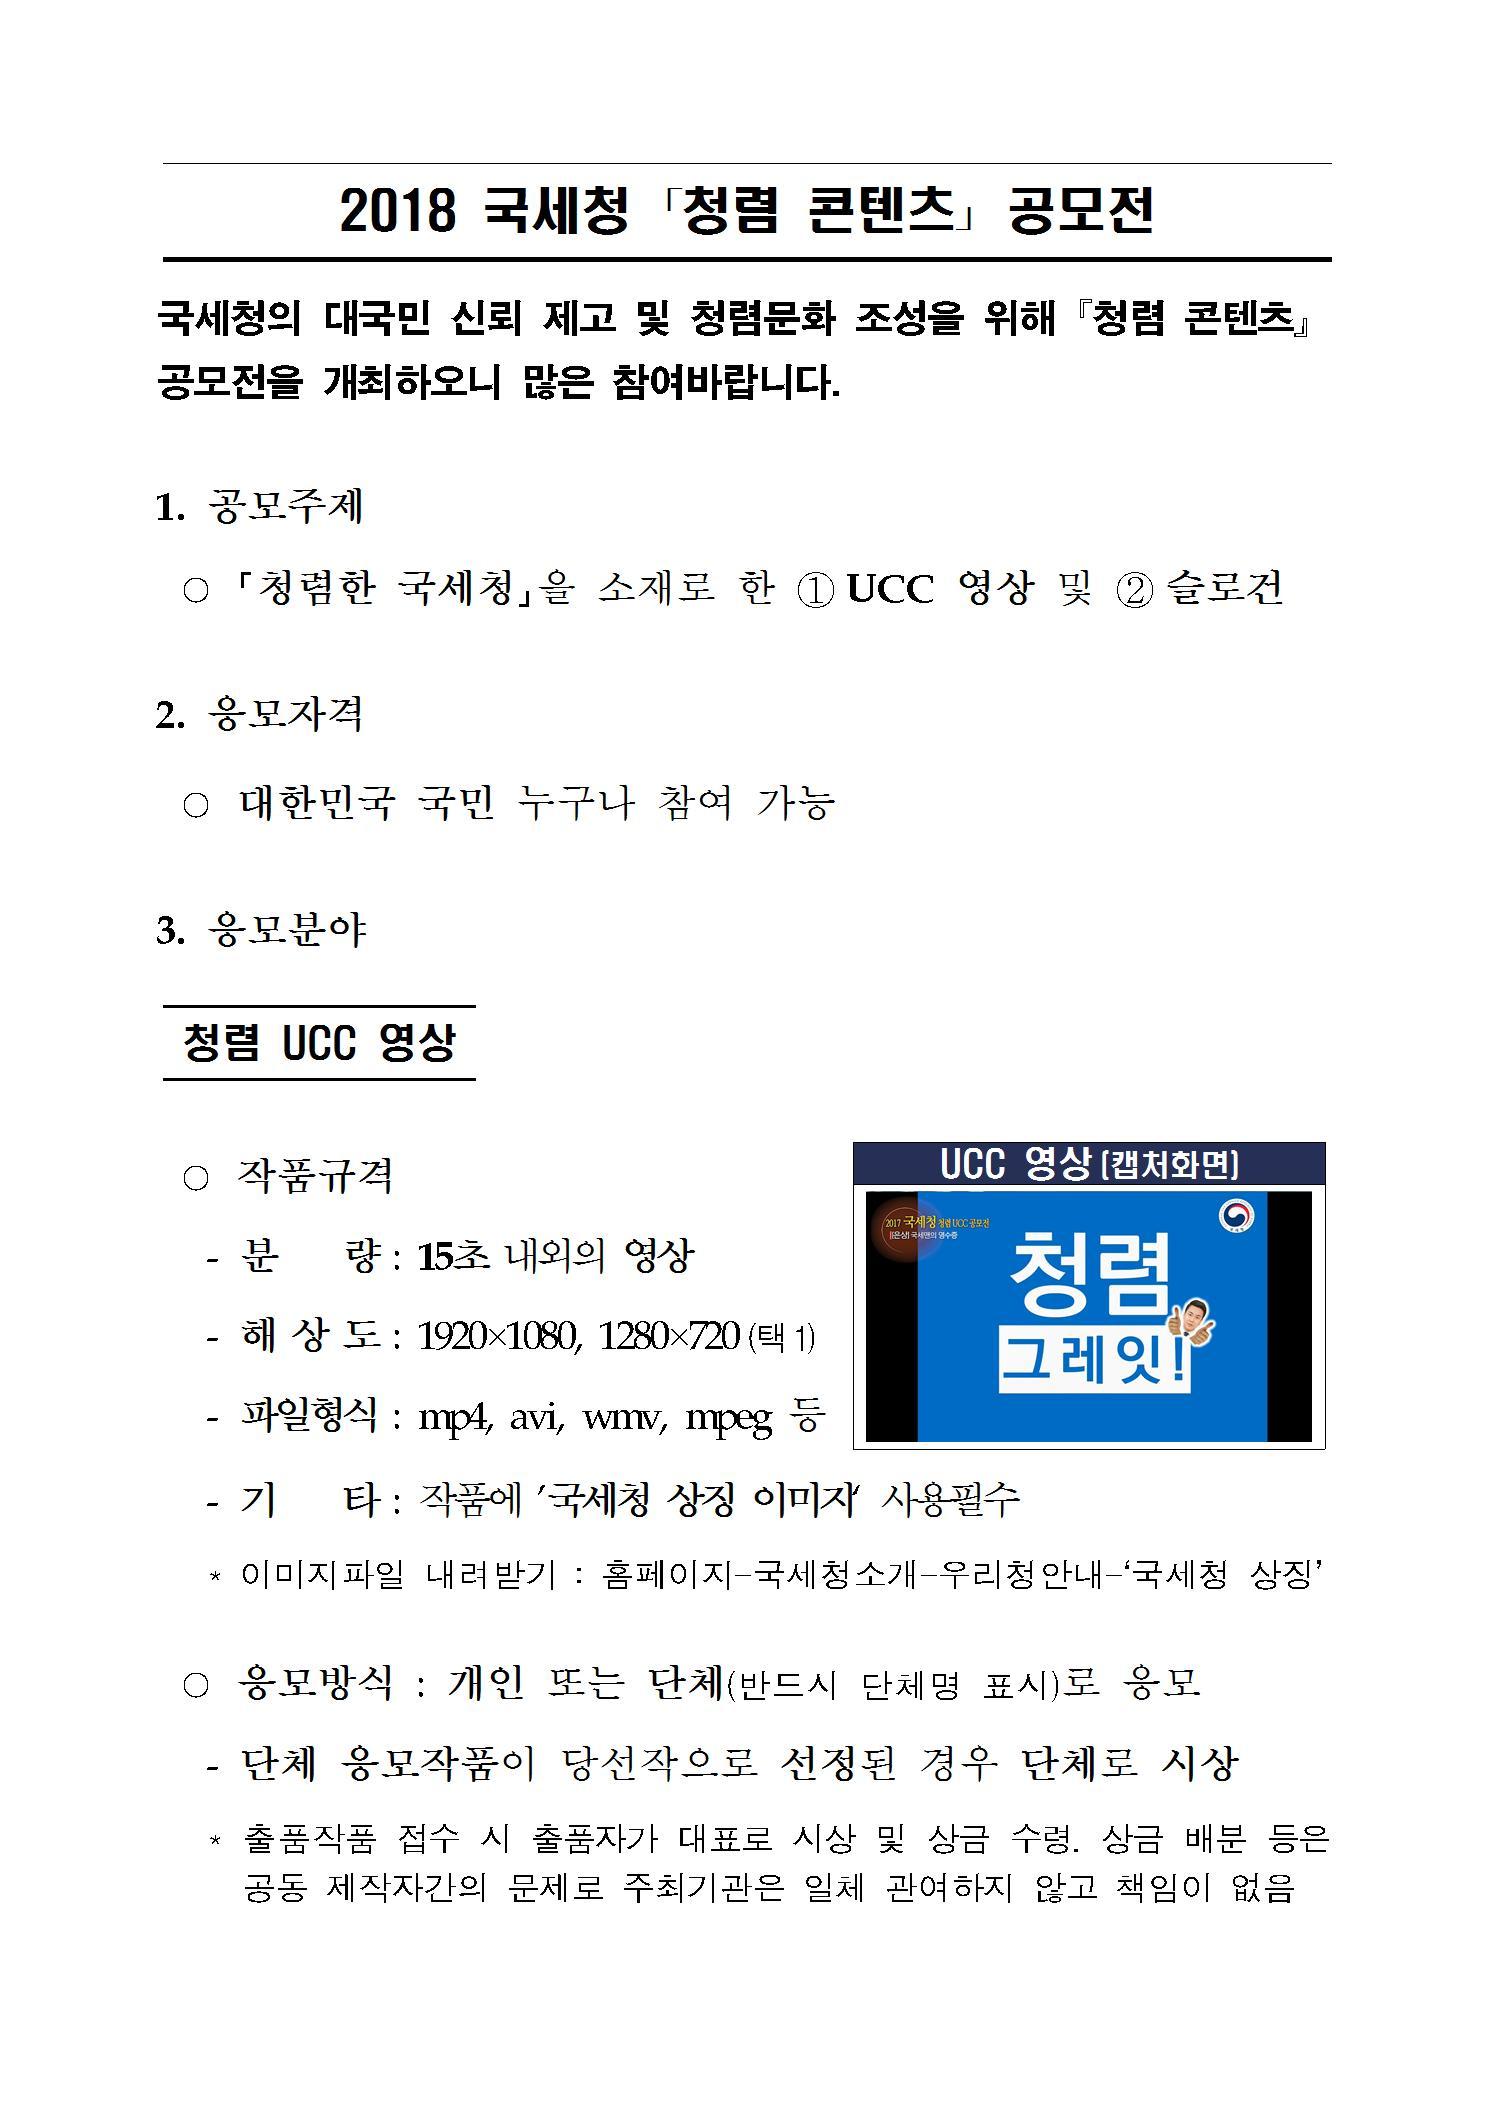 2018 국세청 청렴 콘텐츠 공모전 안내문001